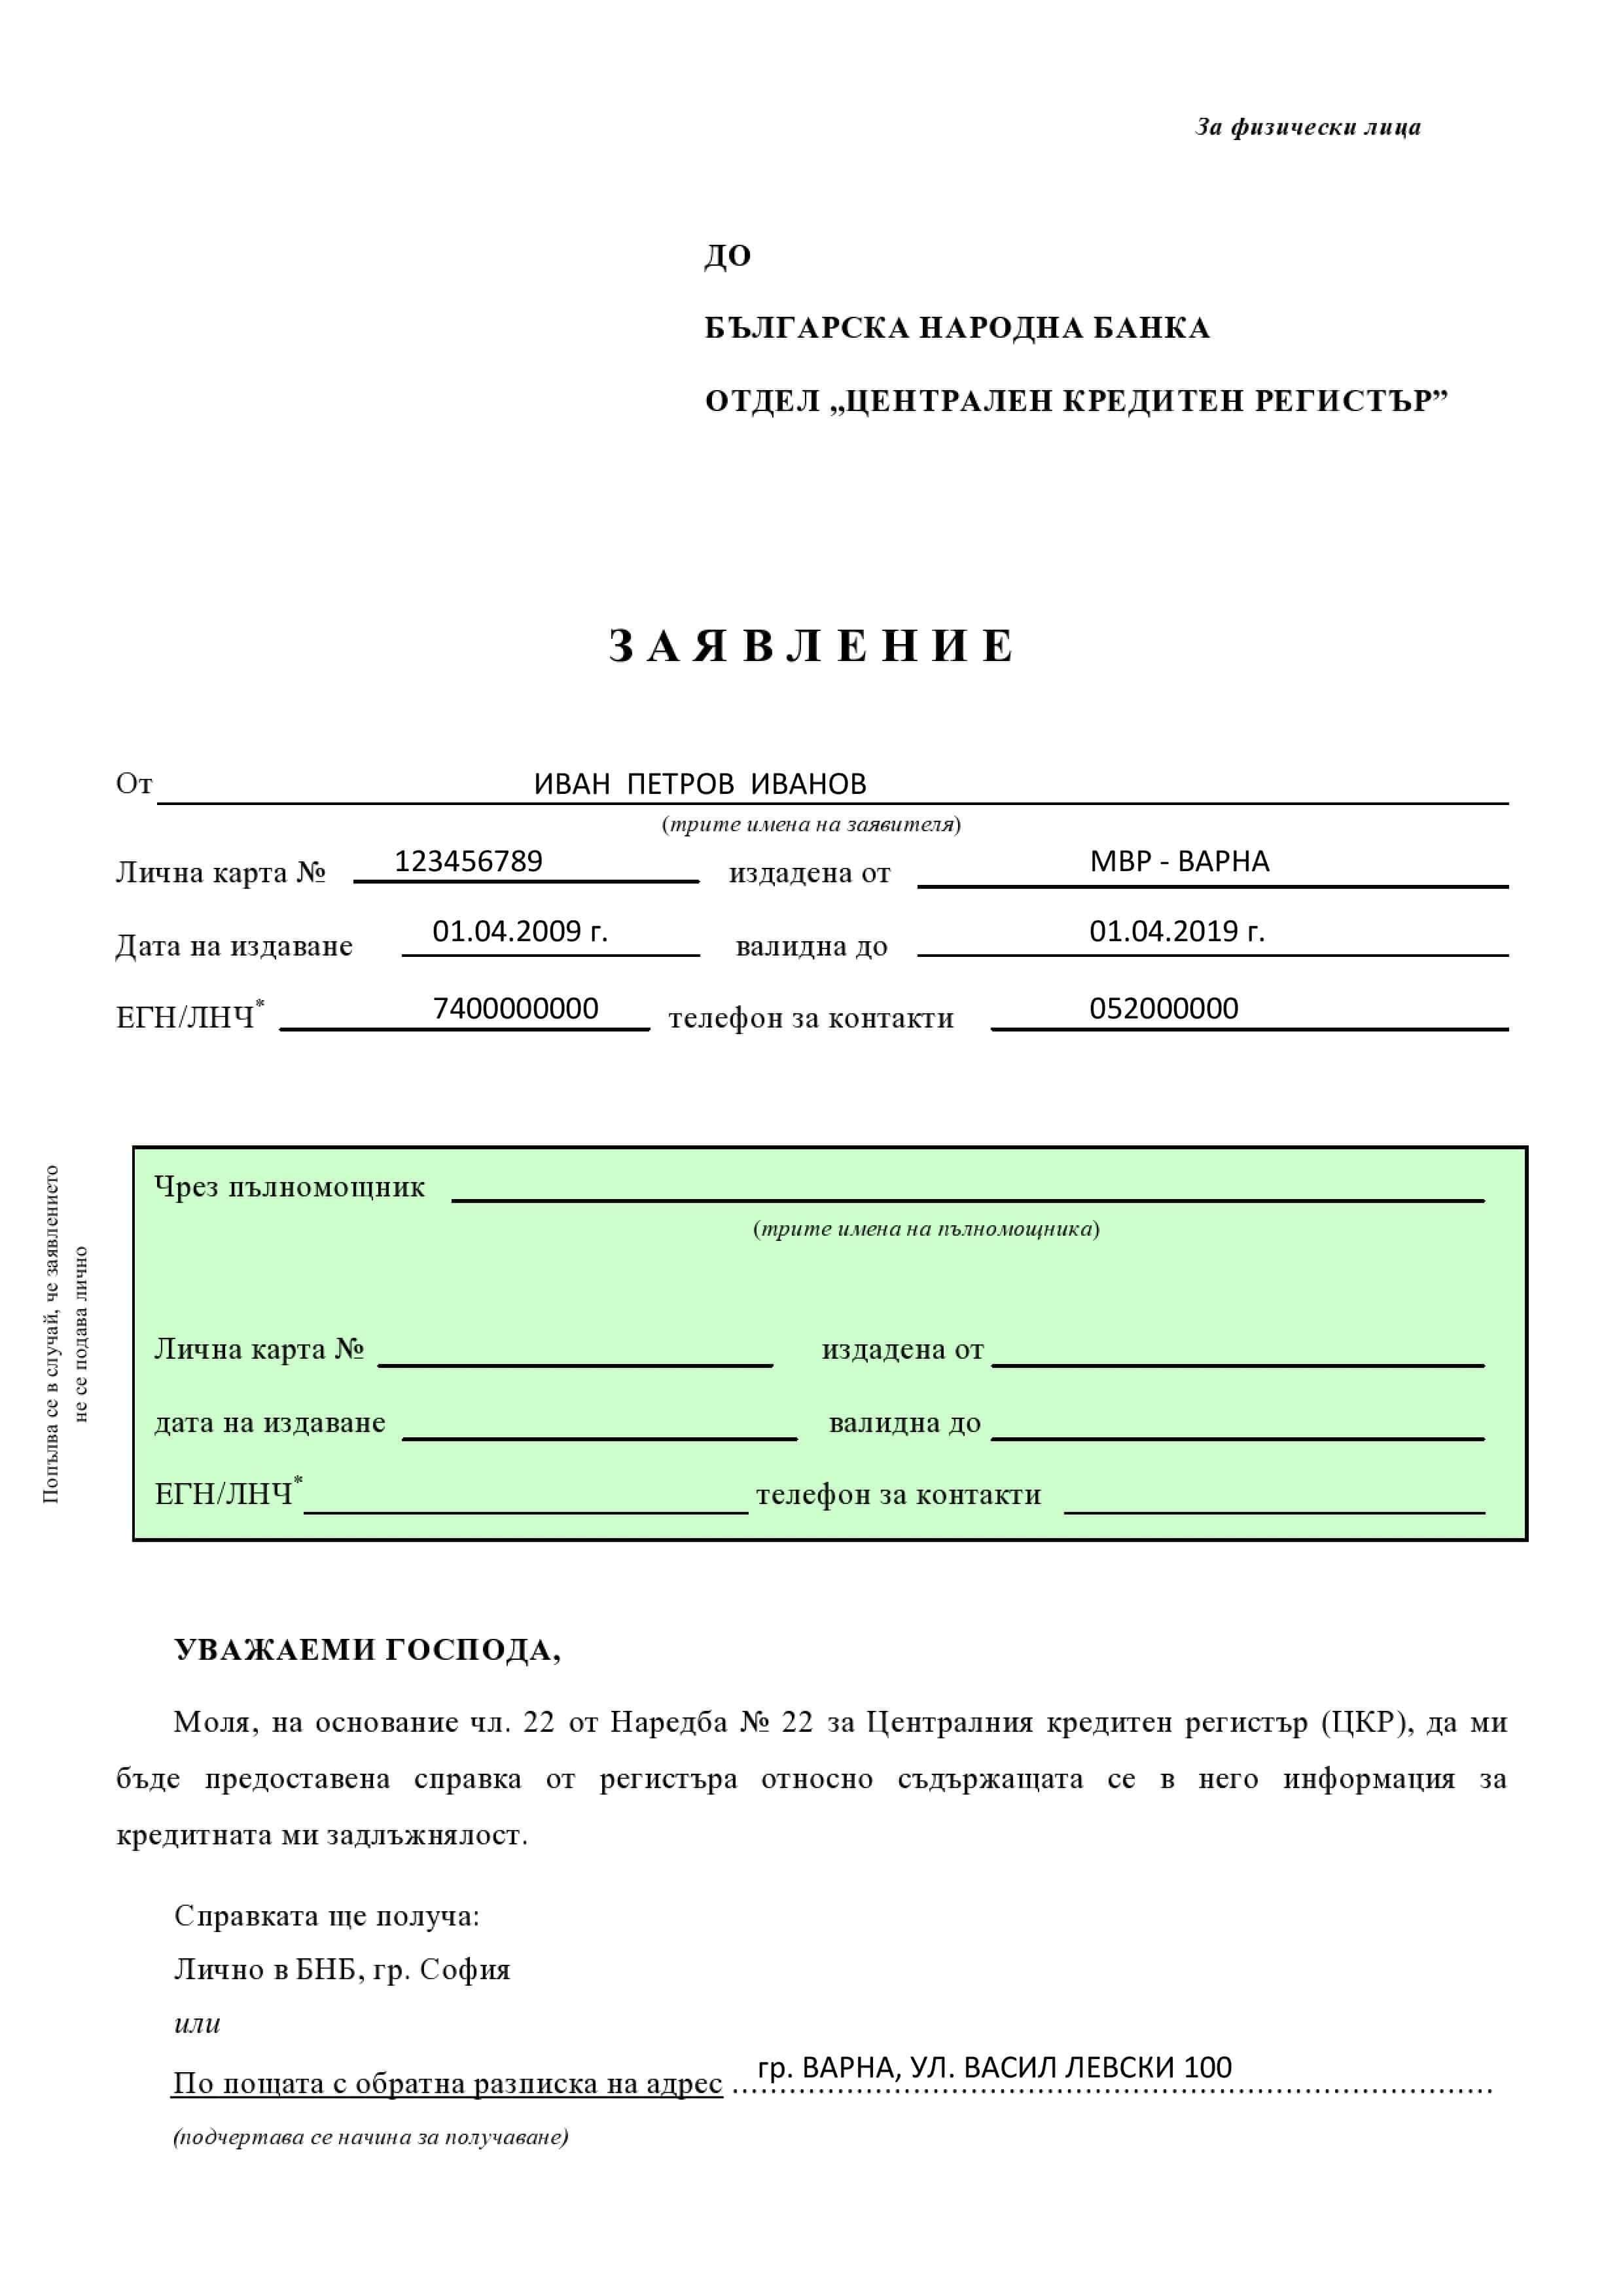 Примерен документ Справка в Централен Кредитен Регистър